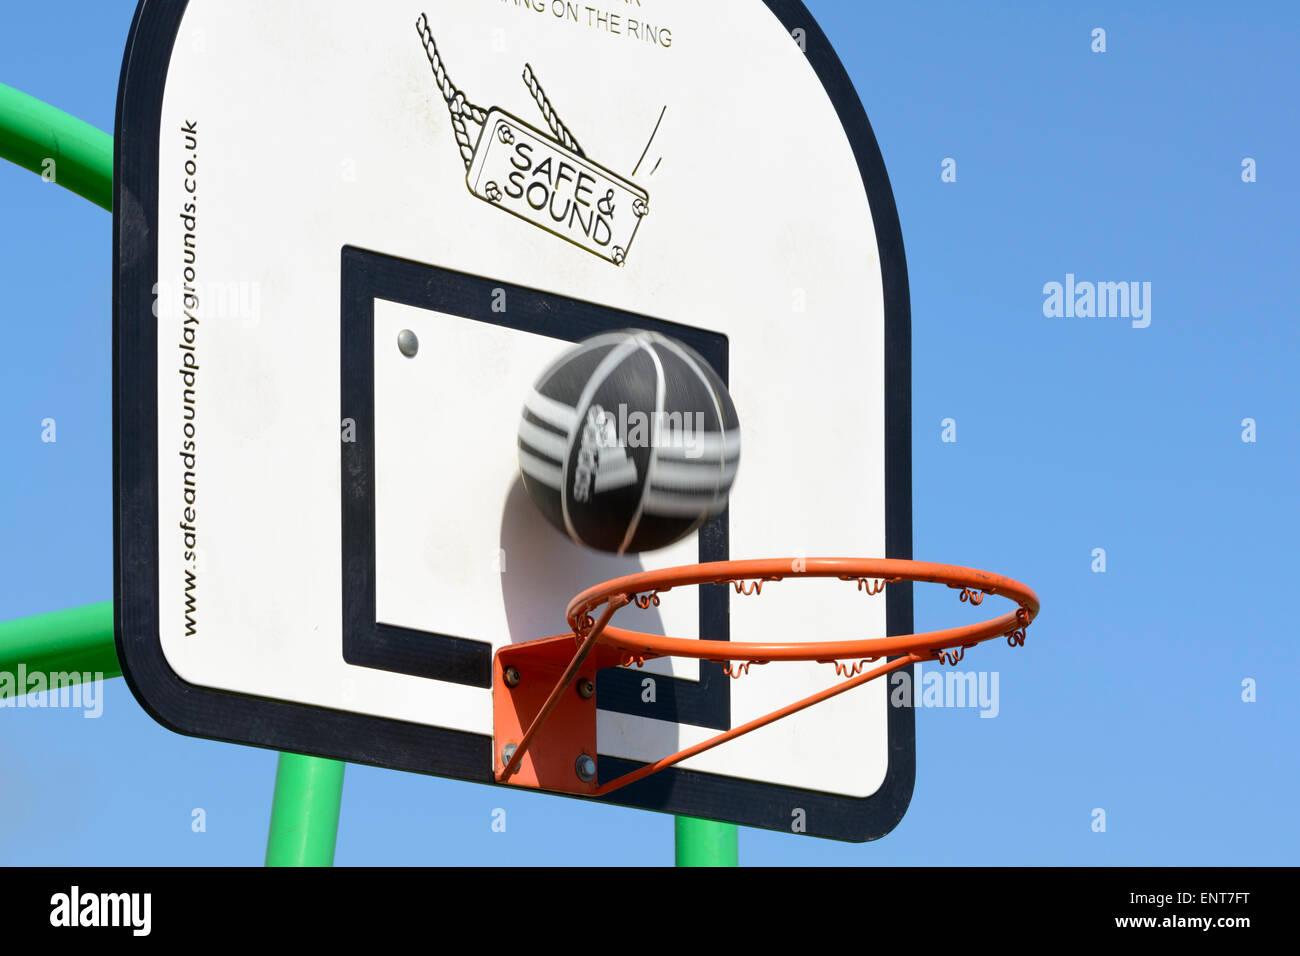 Basketball going into a basketball hoop . - Stock Image